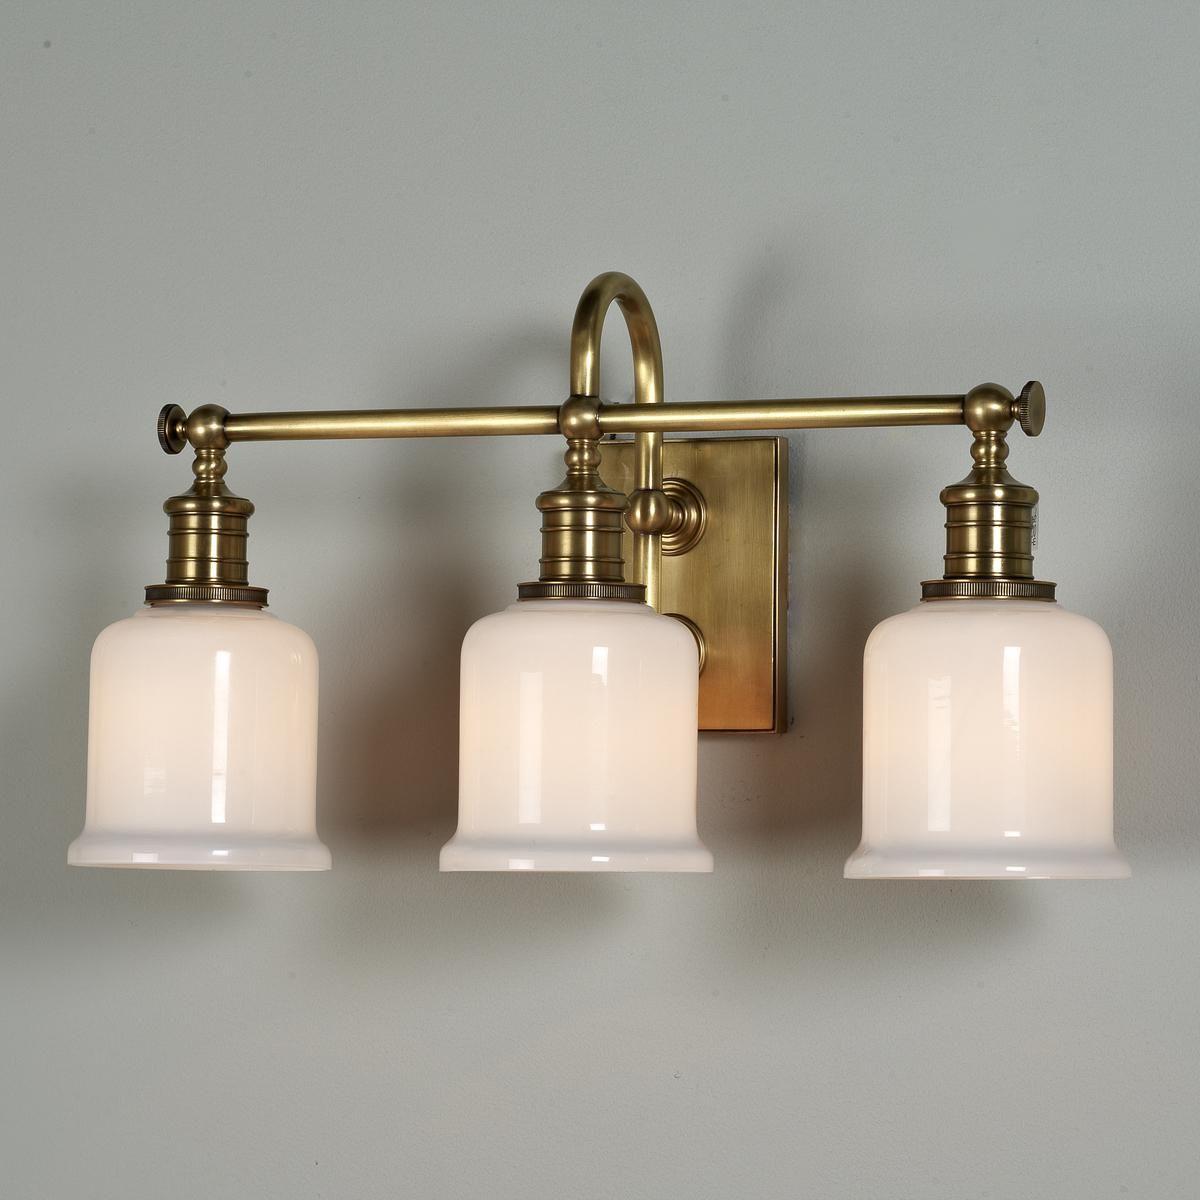 Well Appointed Bath Light 3 Light Bath Light Antique Light Fixtures Brass Light Fixture Polished brass bathroom lights